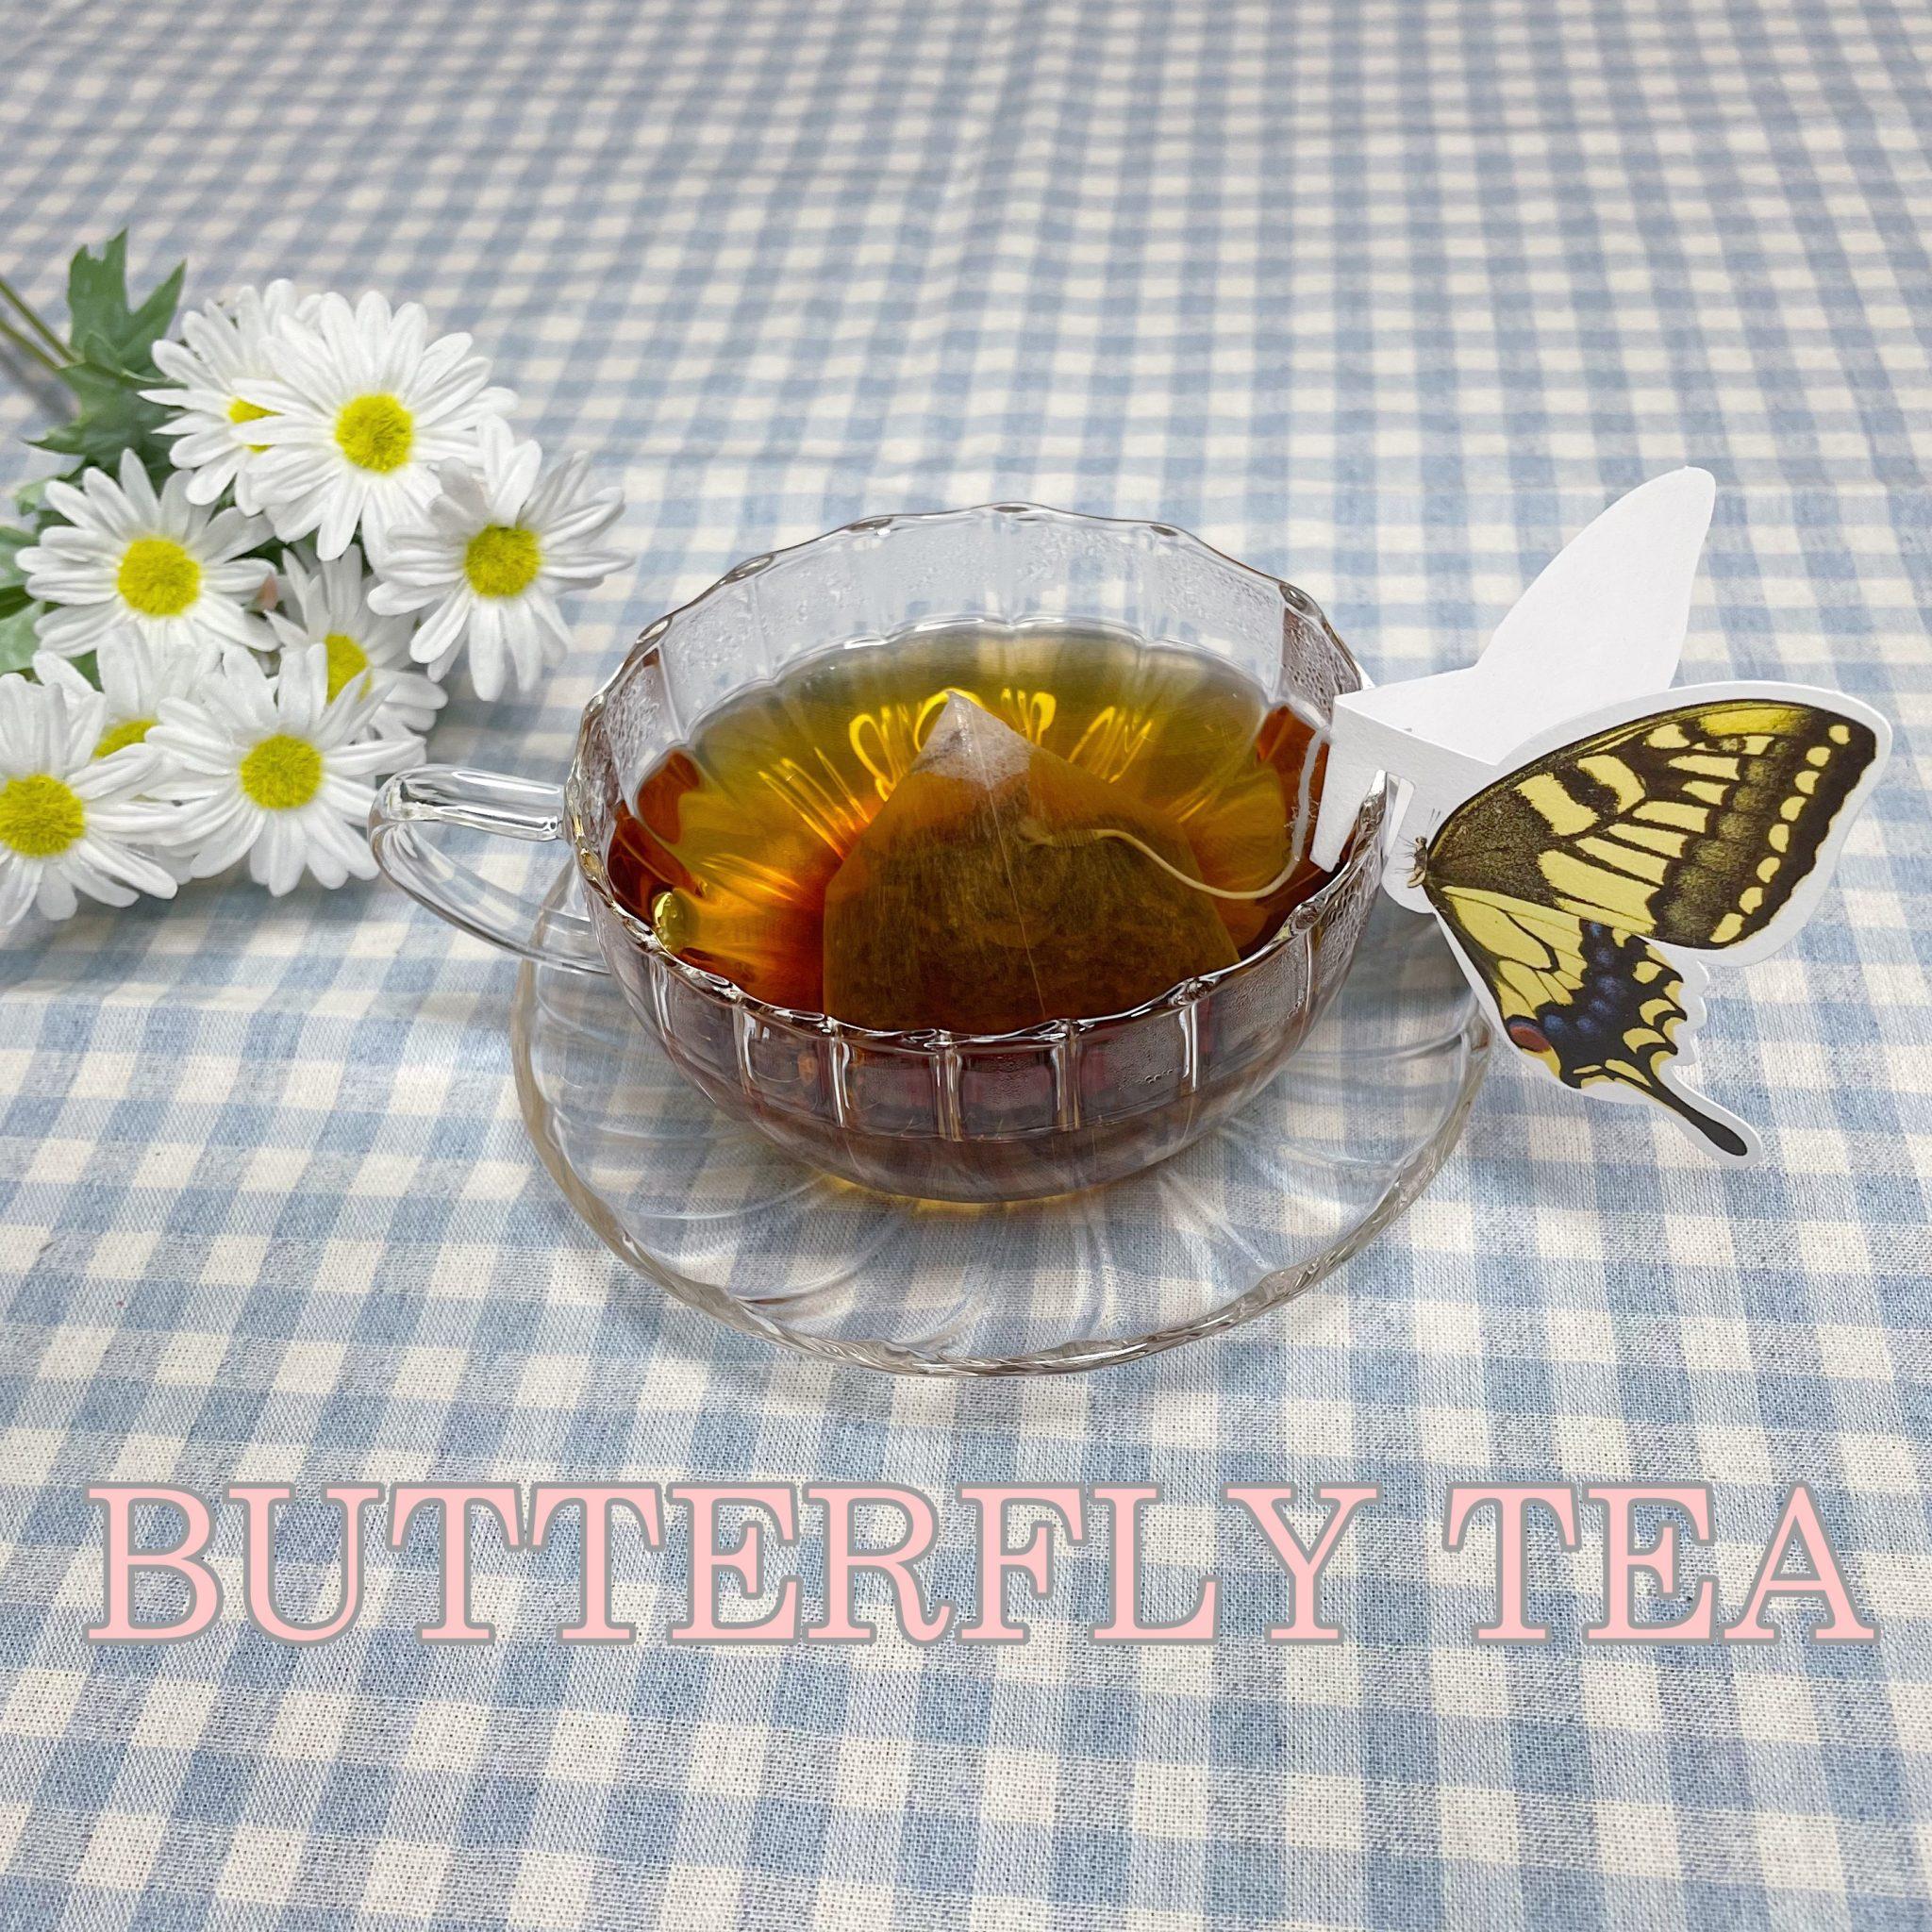 デザインがかわいすぎる紅茶 BUTTERFLY TEA♡